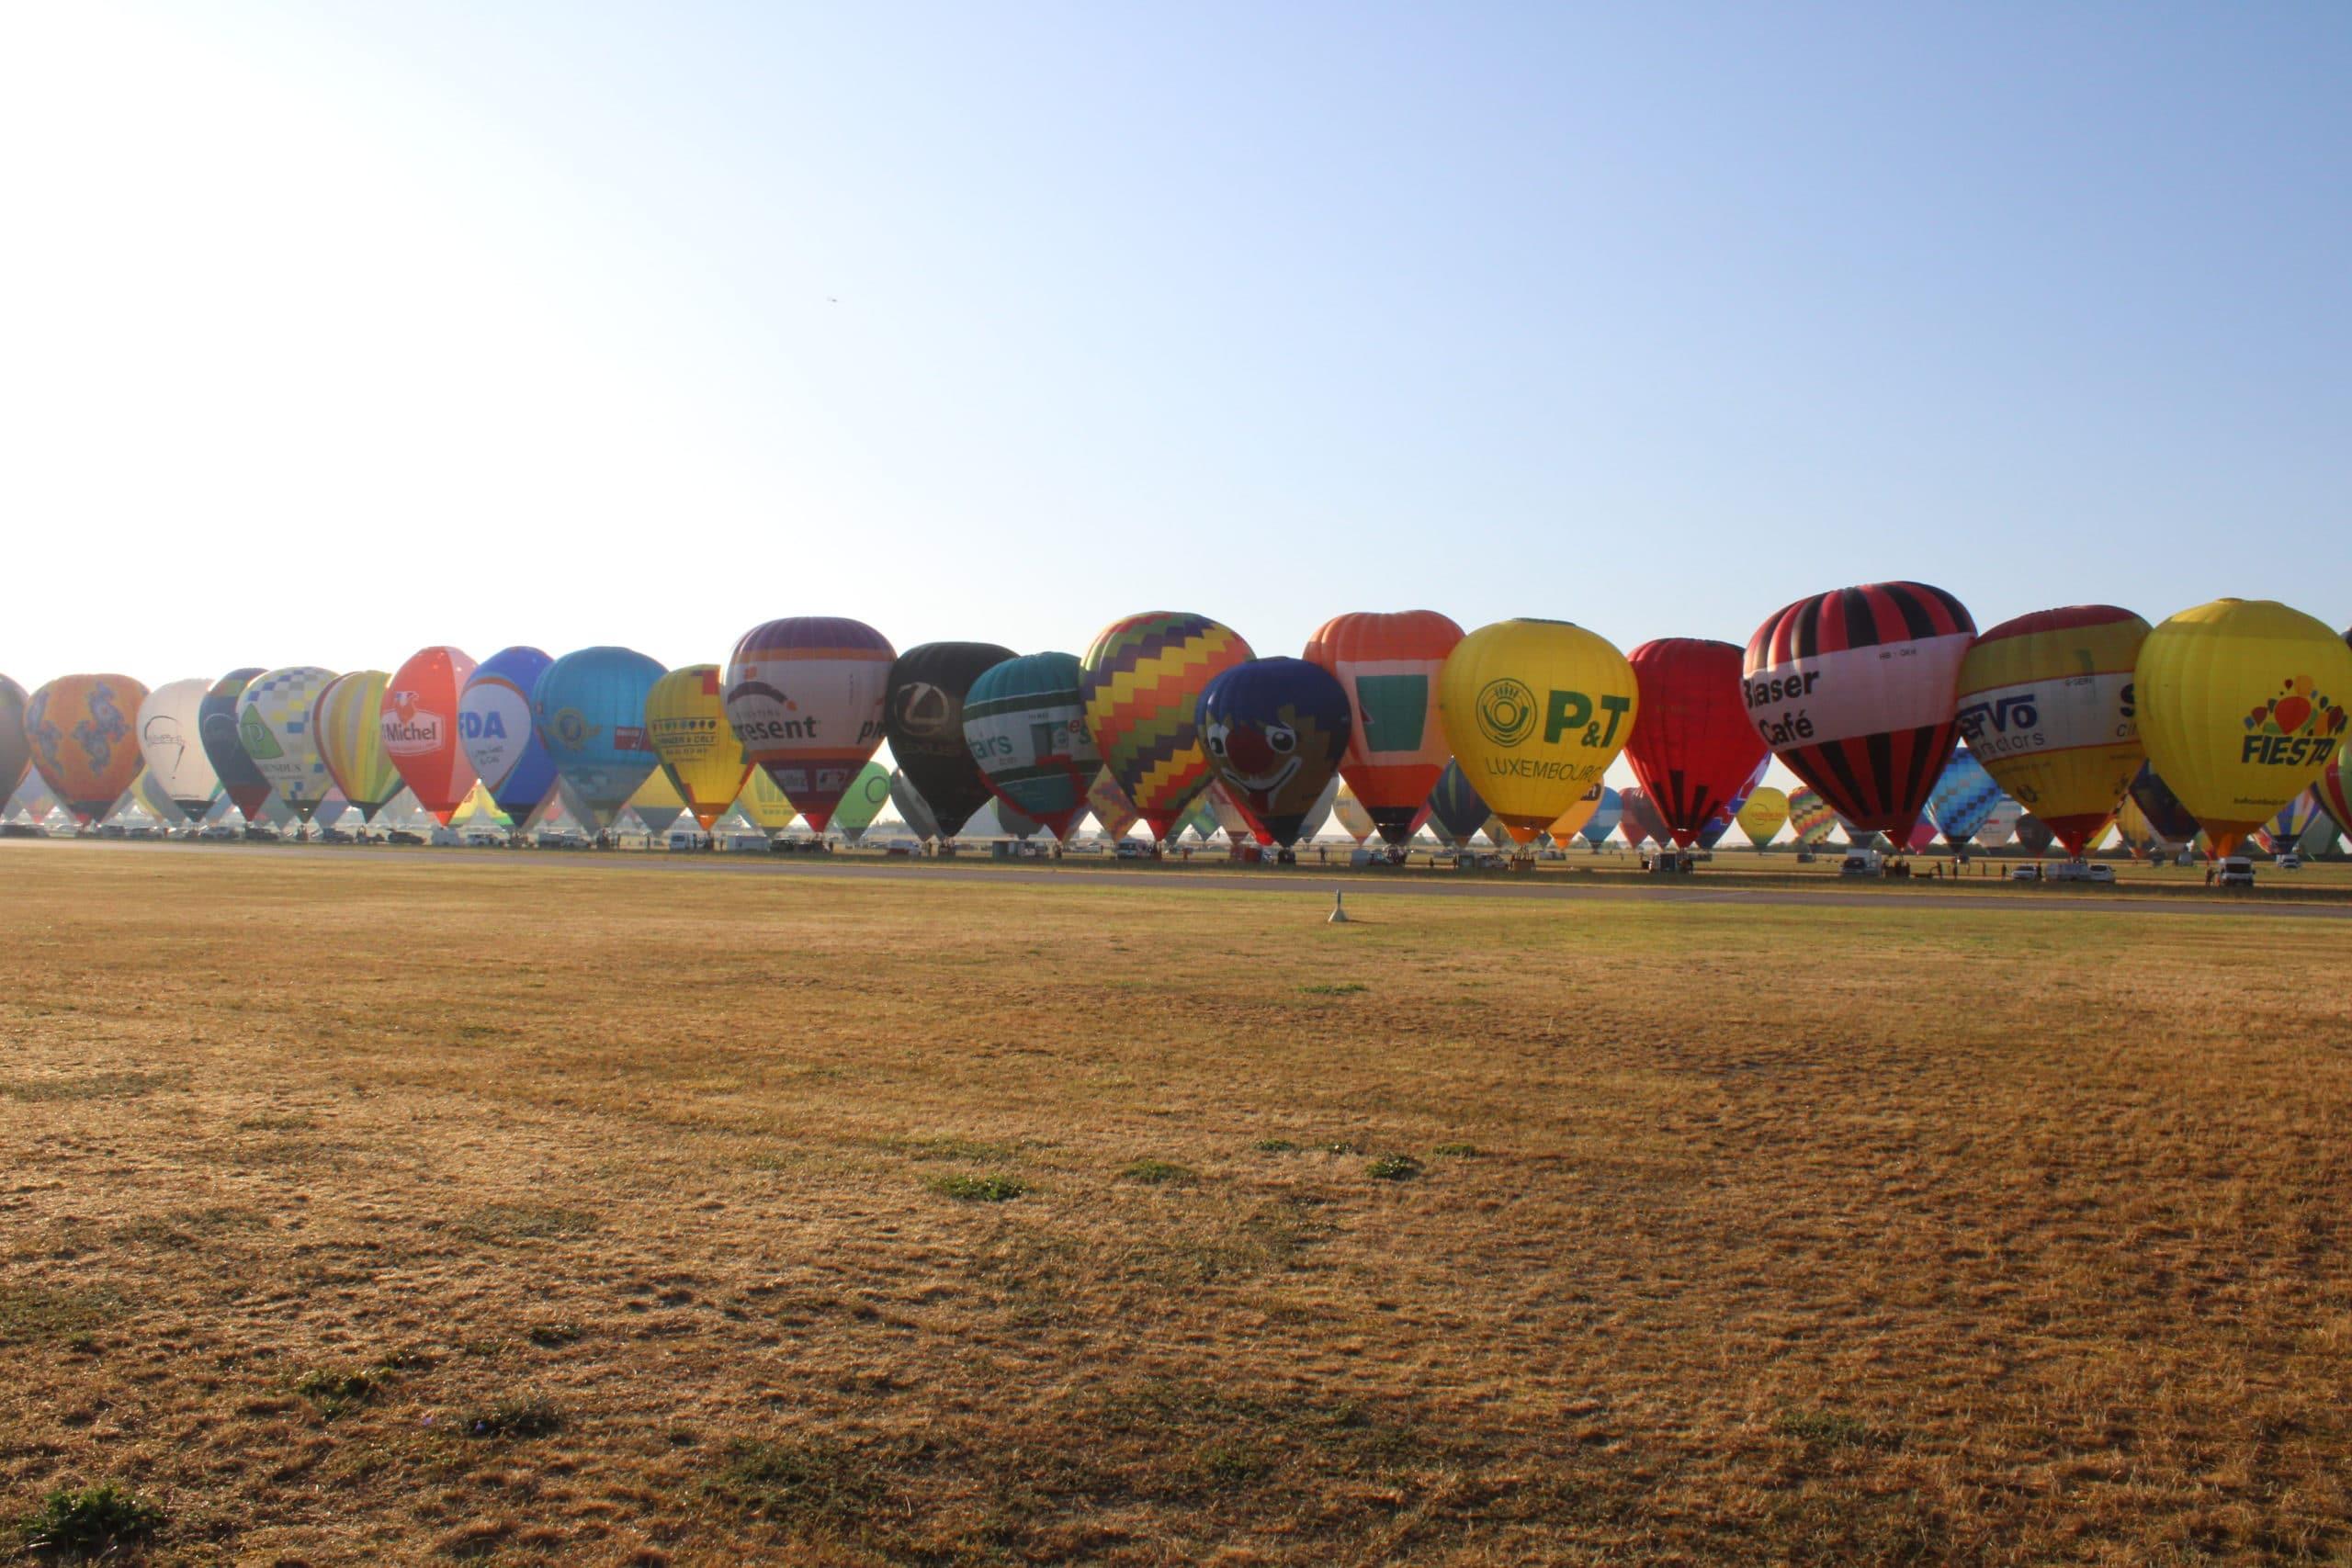 Les montgolfières se dressent en ligne , prêtes pour le record